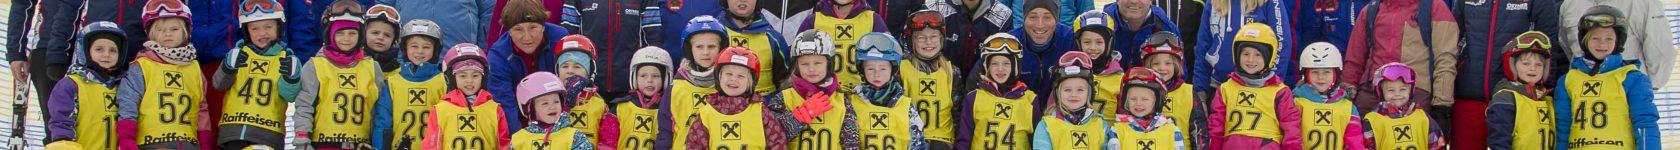 Salzburg Milch Kids Cup 2019 in Annaberg